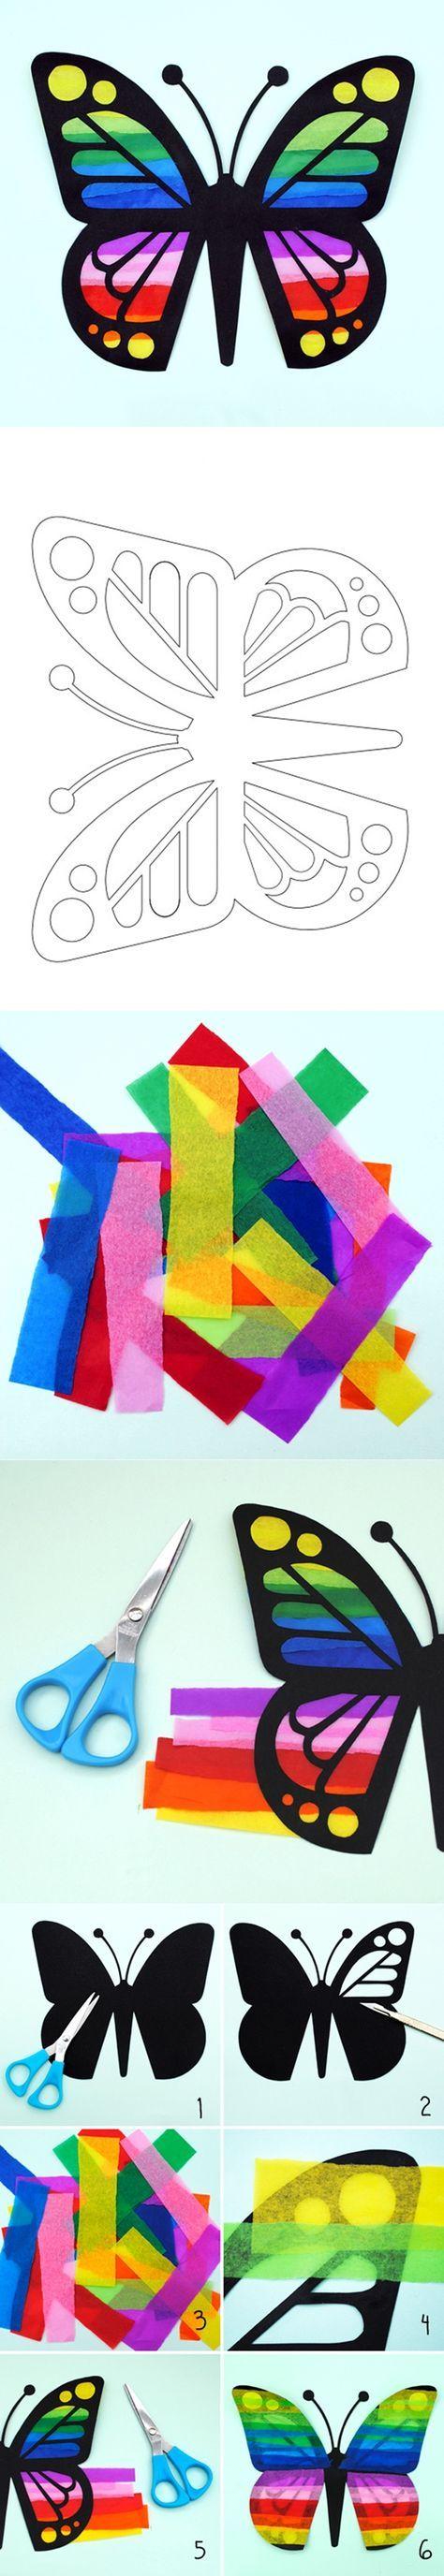 Ohhhh wie schön! Ausschneiden und ans Fenster hängen! Mehr Ideen für Kinder: www.hallonbloggi.de